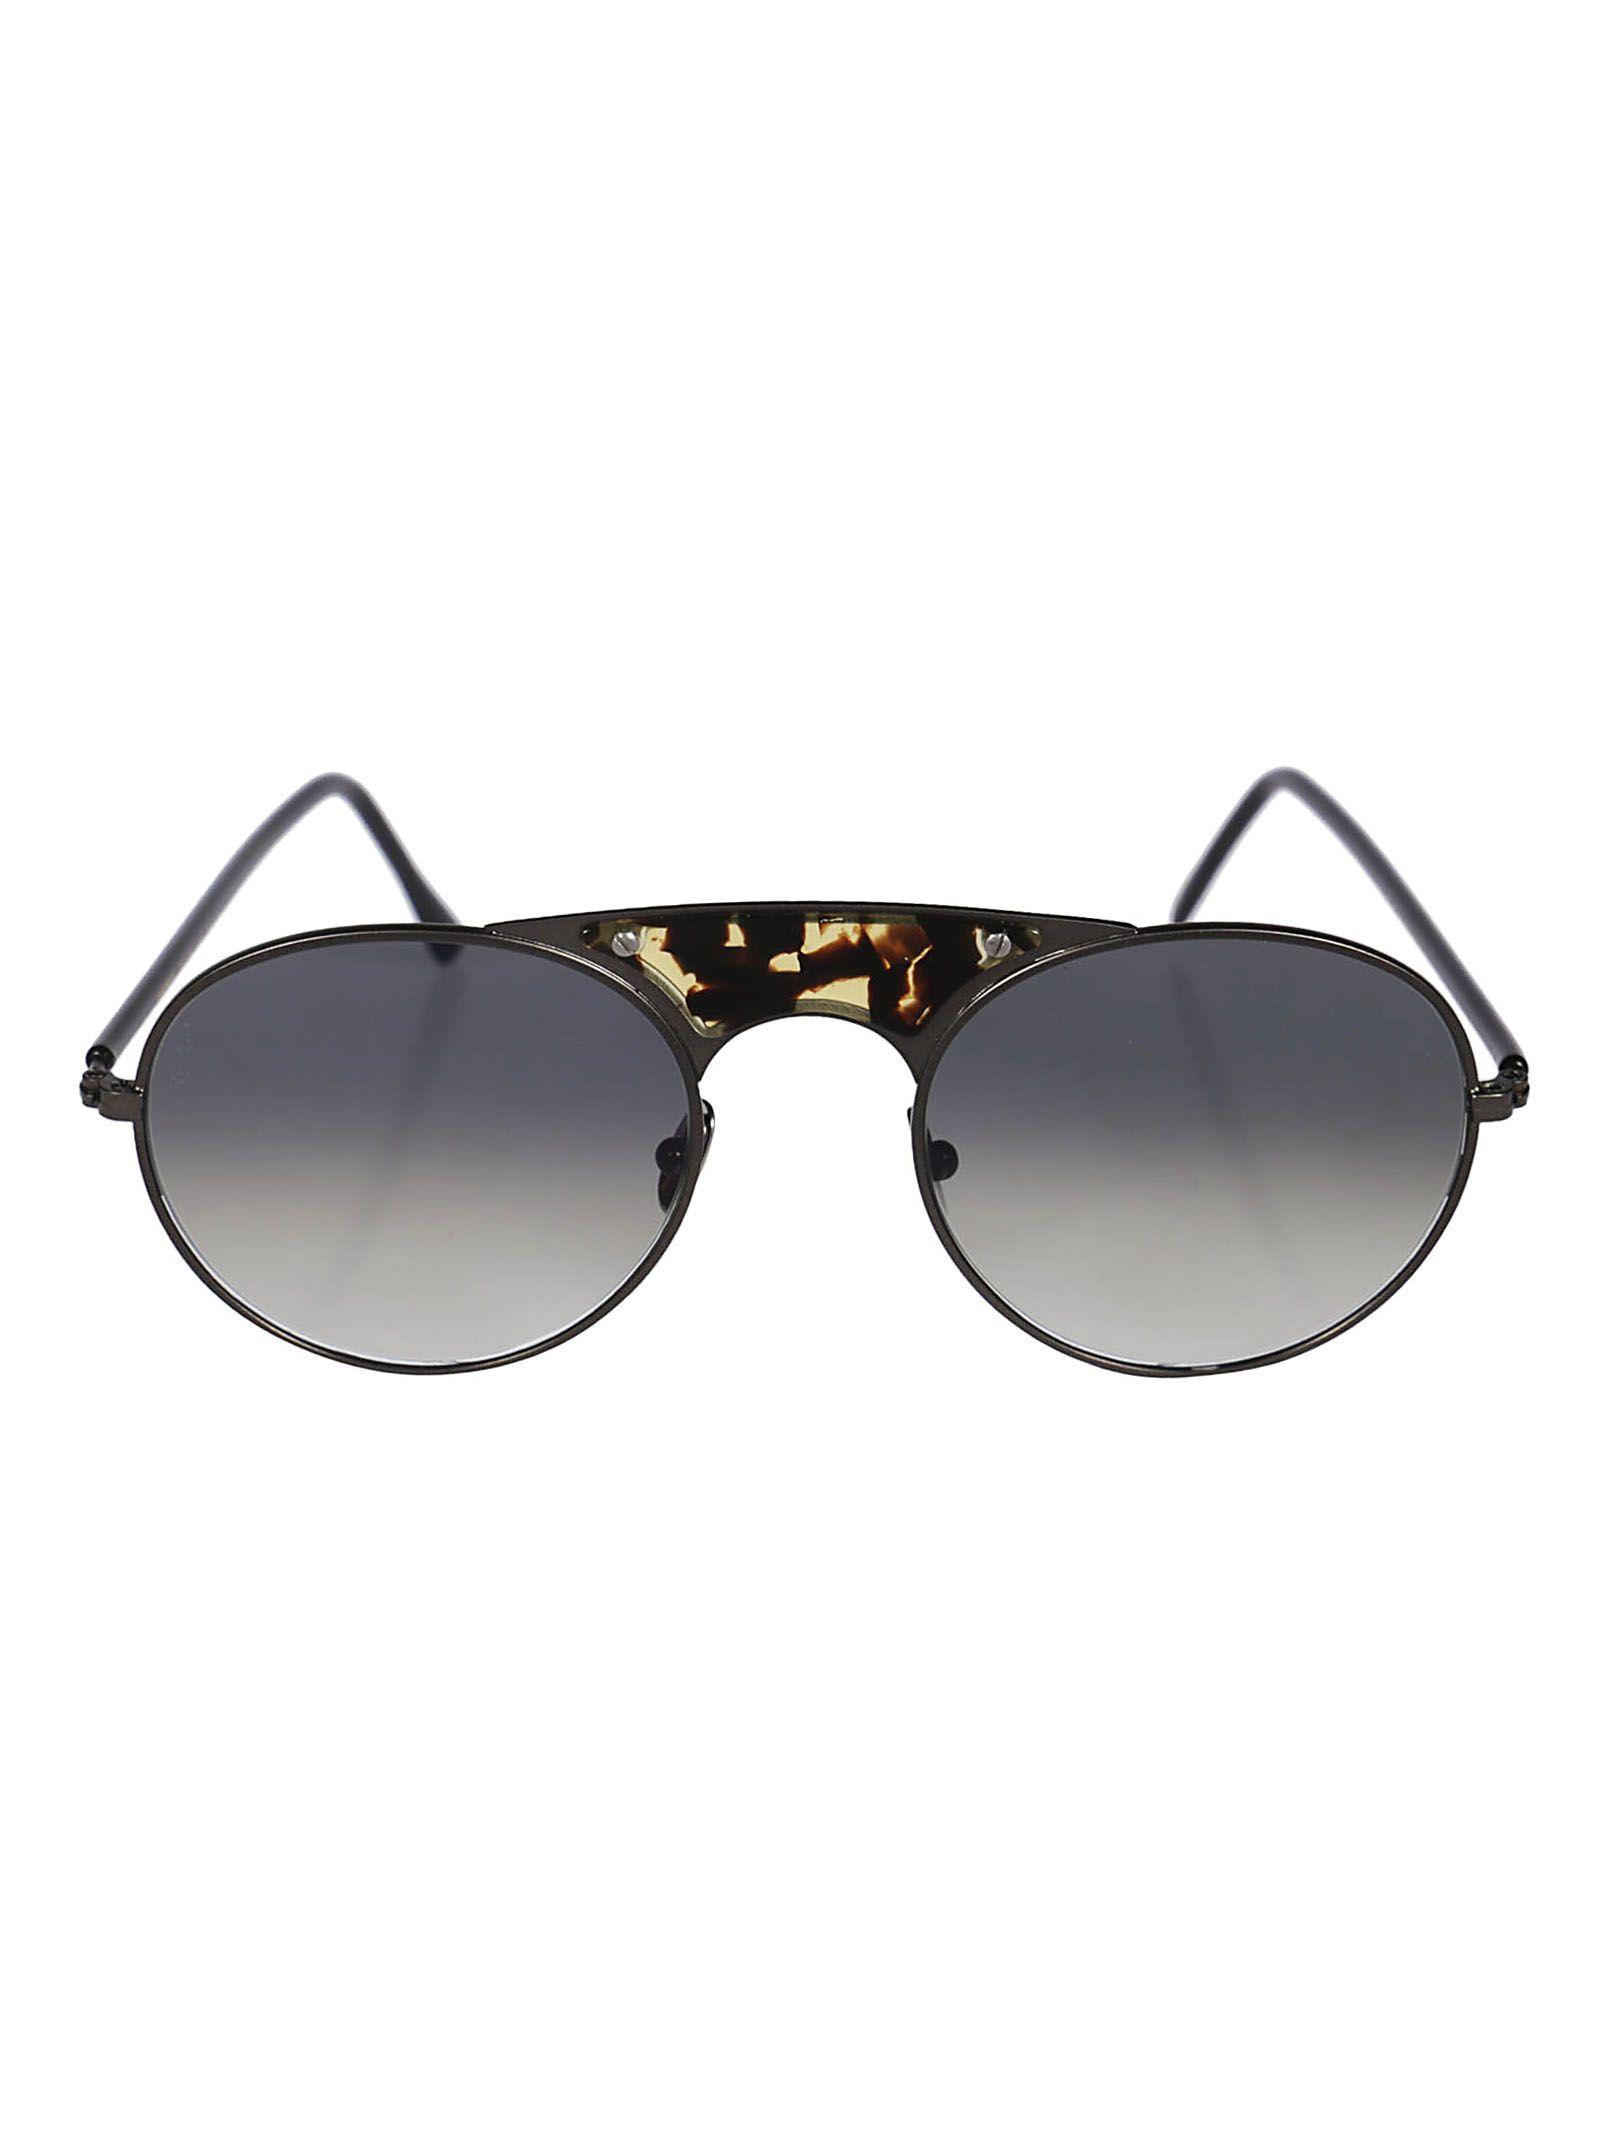 L.G.R Lgr Aviator Sunglasses in Gun Metal